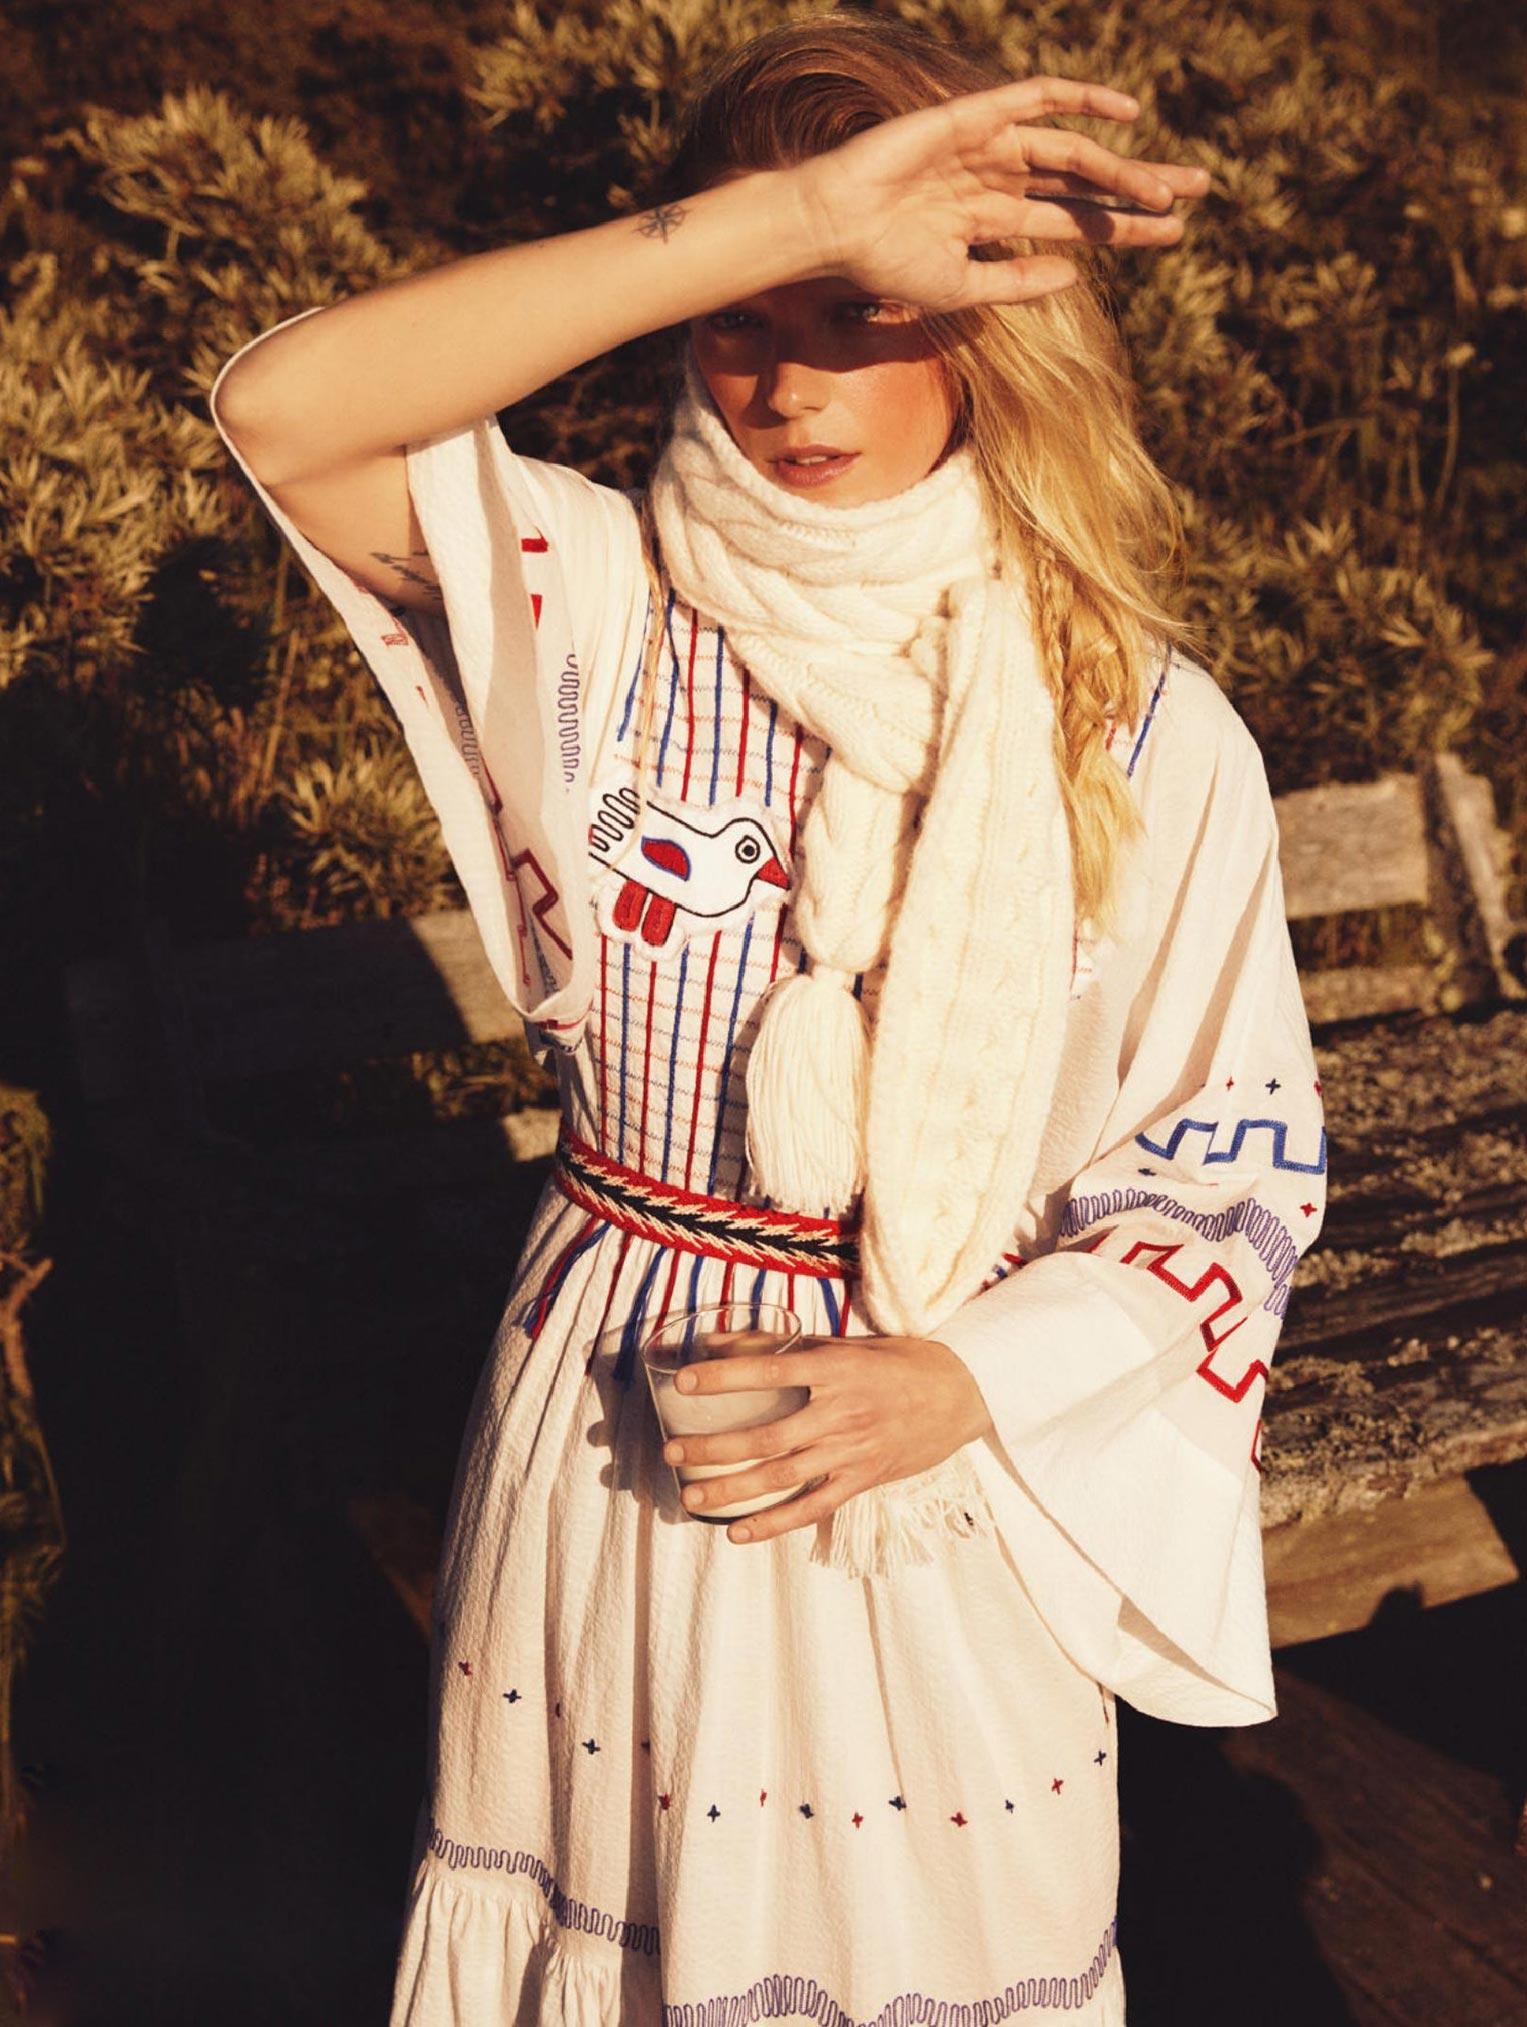 Бразильская модель в гостях у шведской - Эрика Линдер и Ракель Циммерман / фото 04